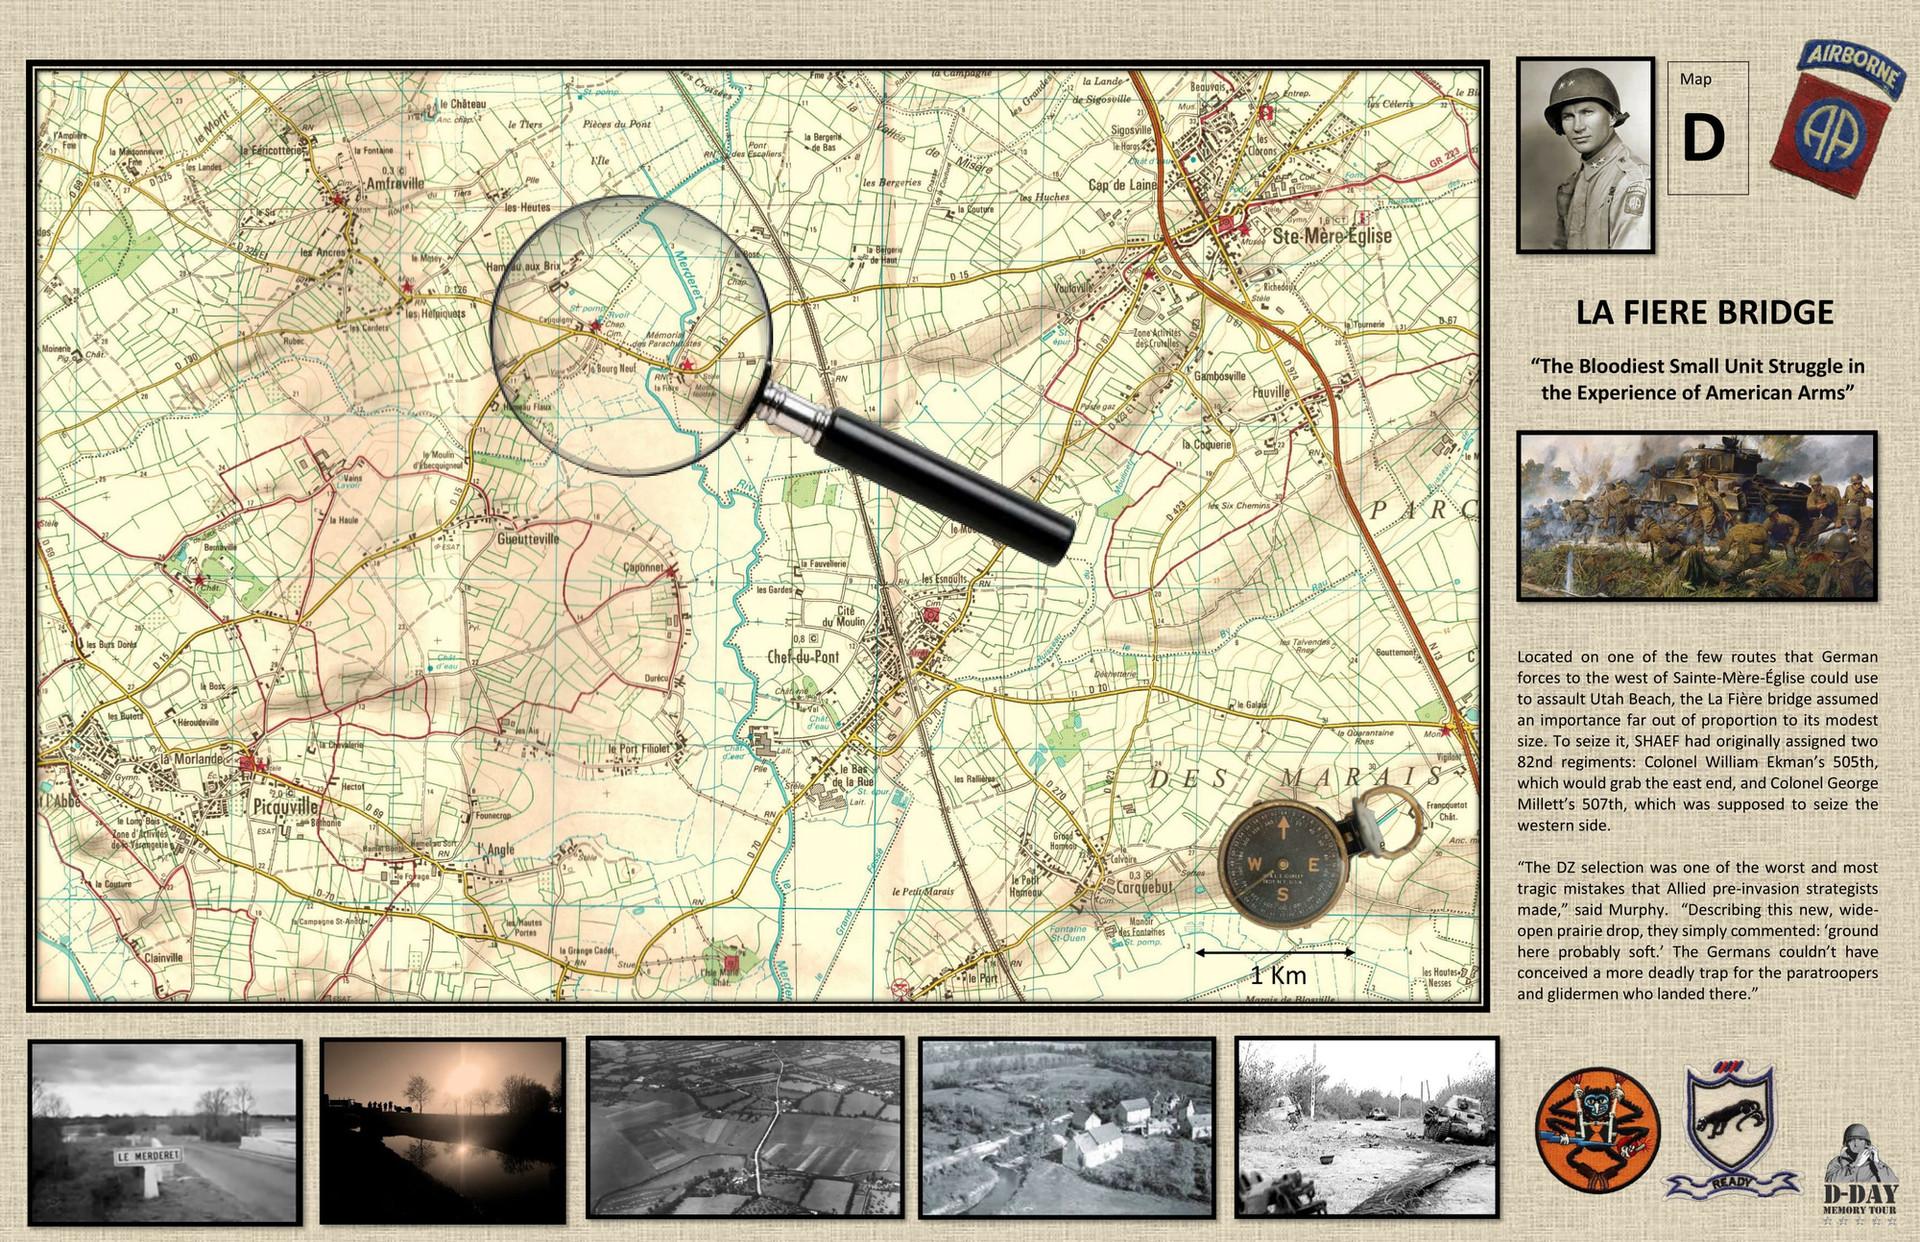 Map D la fiere worda3-1.jpg